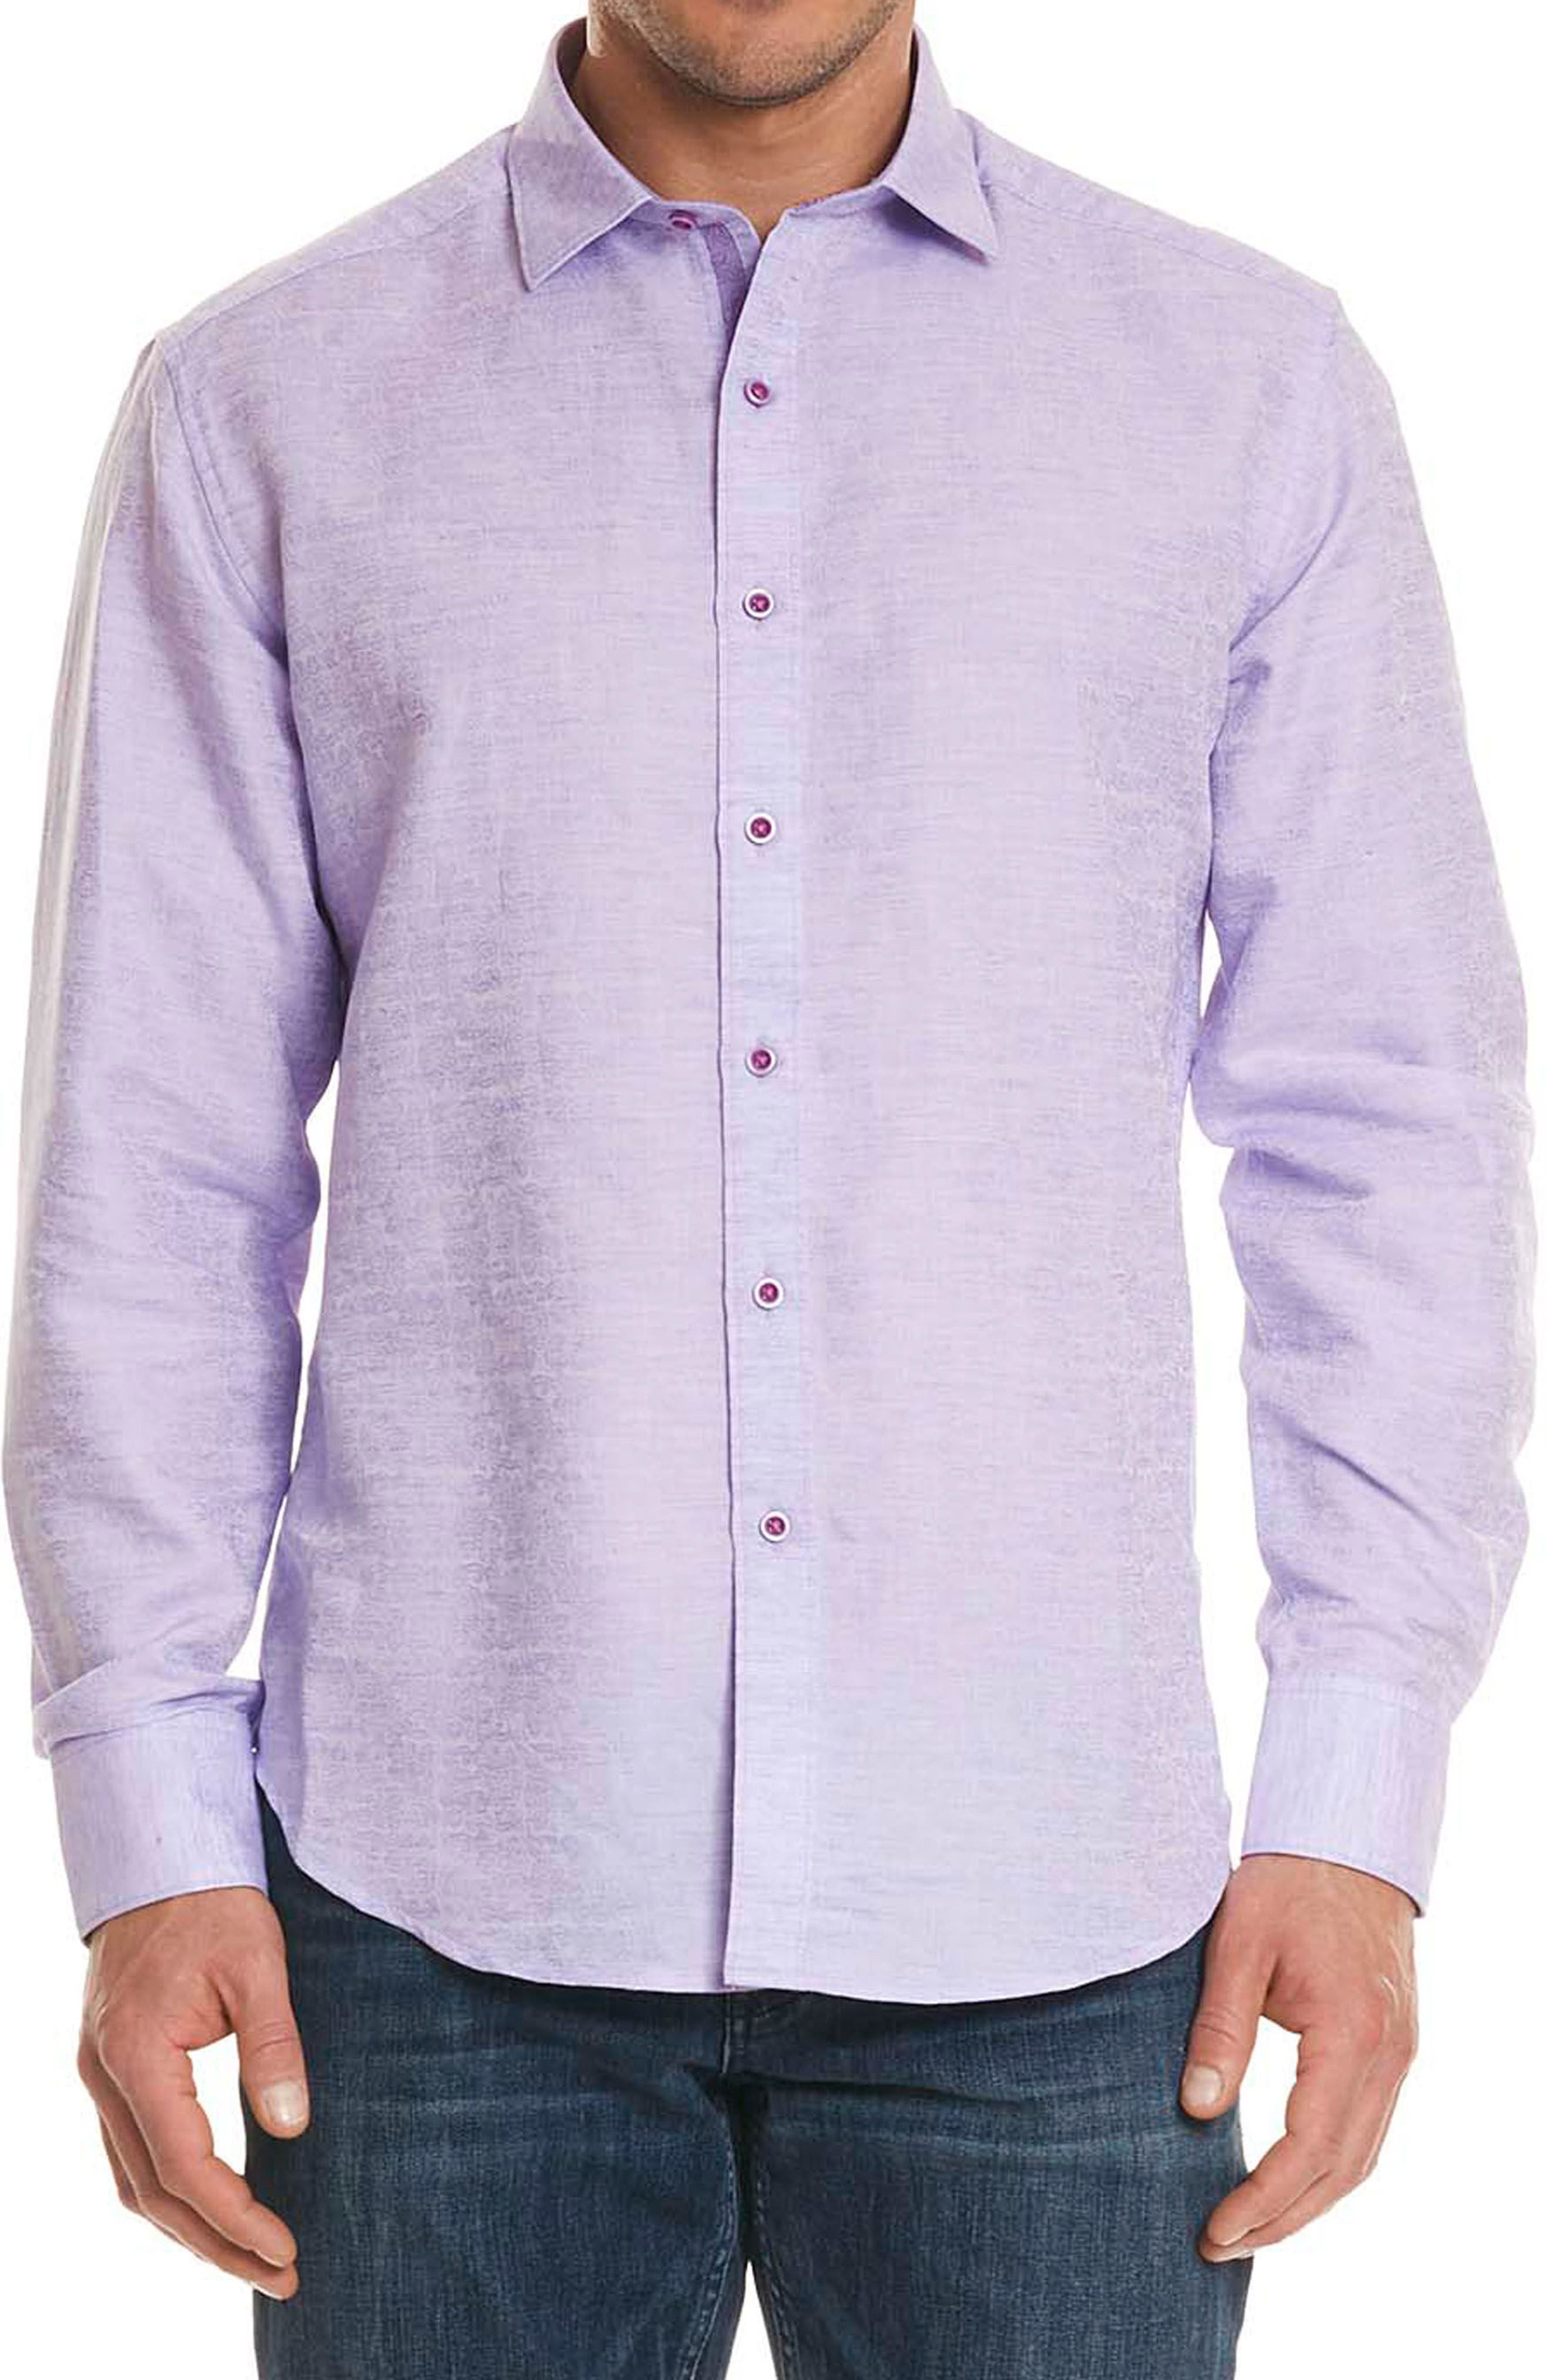 Cyprus Classic Fit Linen & Cotton Sport Shirt,                             Main thumbnail 1, color,                             PURPLE